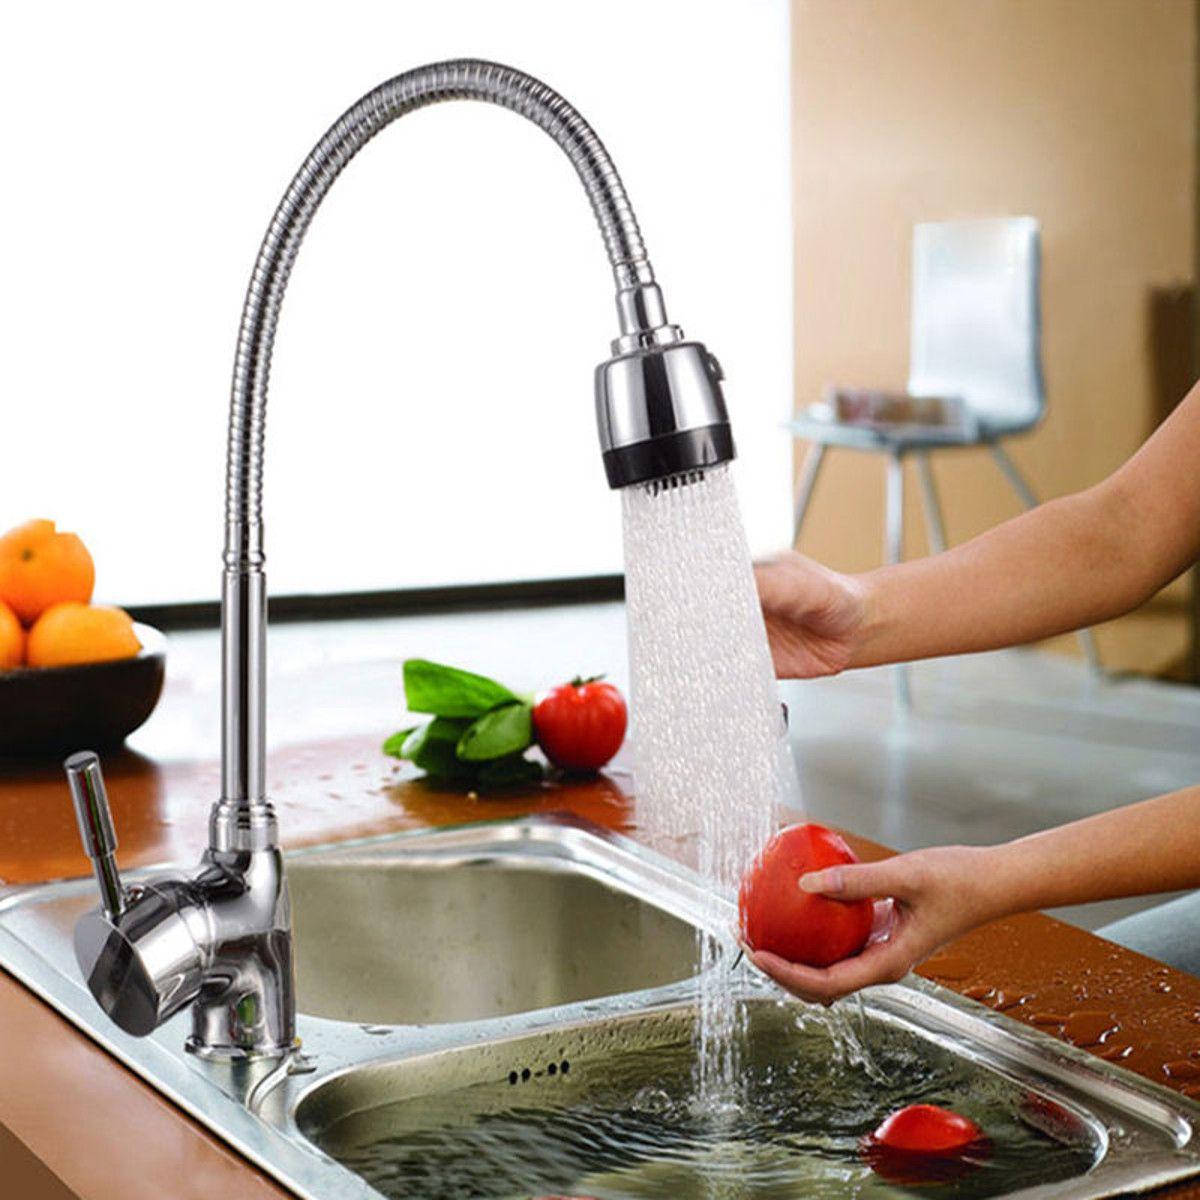 Cuisine 360 degrés rotatif bec unique poignée évier bassin robinet réglable en laiton massif tirer vers le bas mélangeur de pulvérisation robinet monté sur le pont